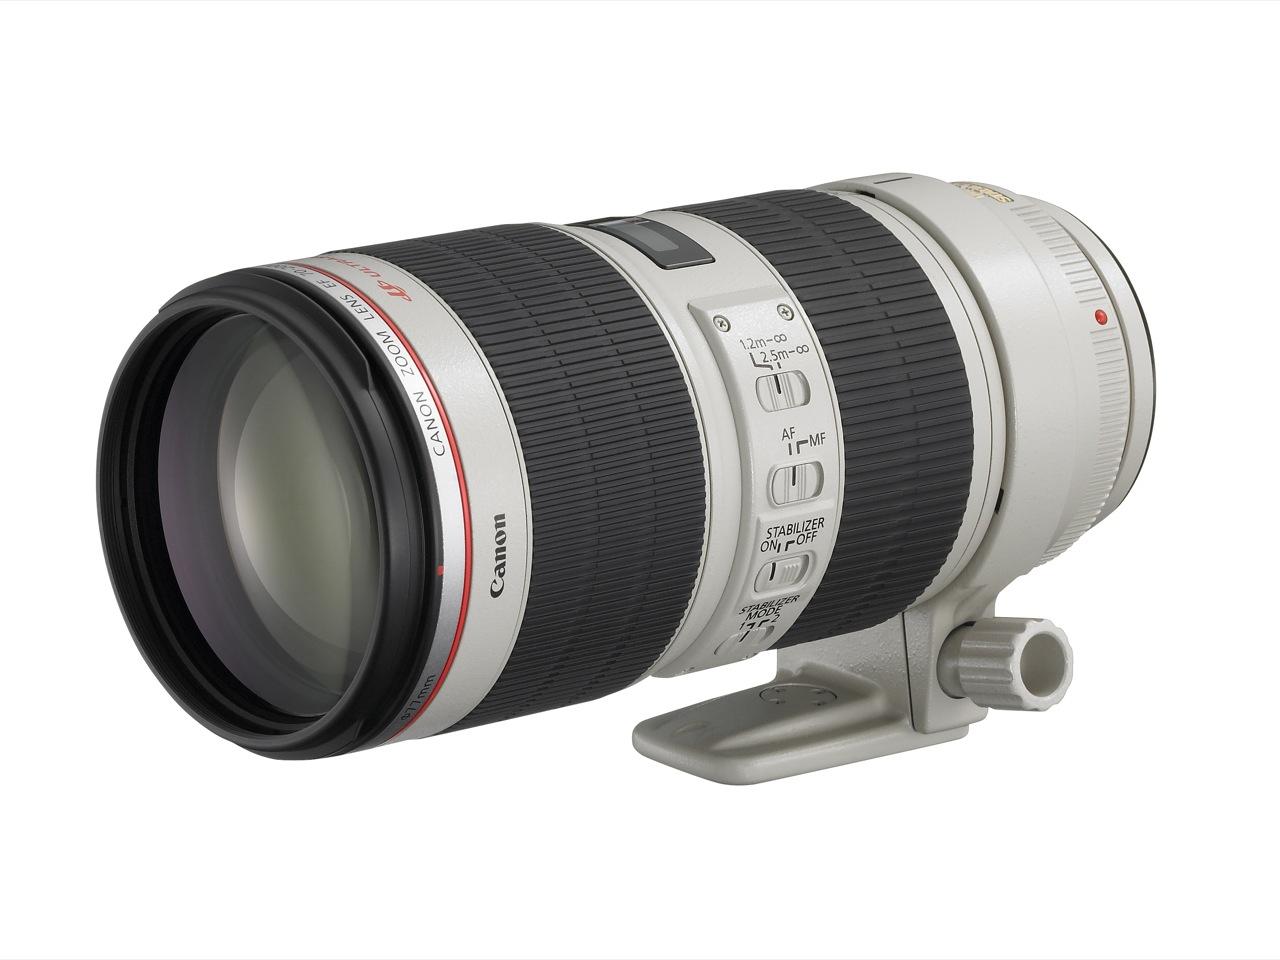 Canon stellt neues Objektiv mit 70-200 mm und 1:2,8 vor - Canon EF 70-200mm 1:2,8L IS II USM